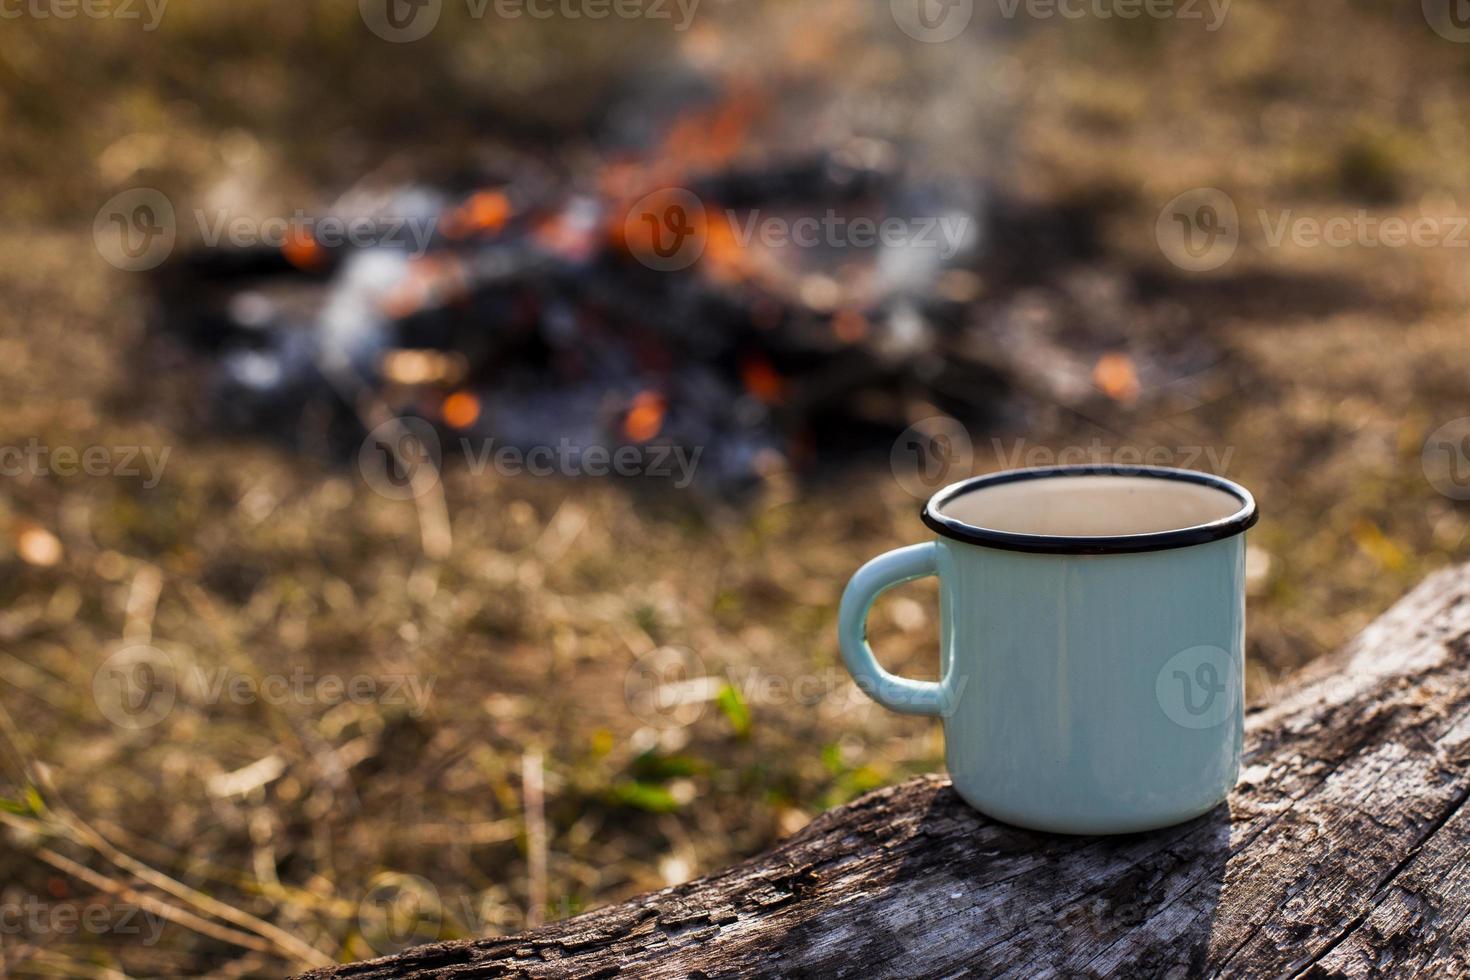 blauwe kop koffie bij het uitgebrande kampvuur foto